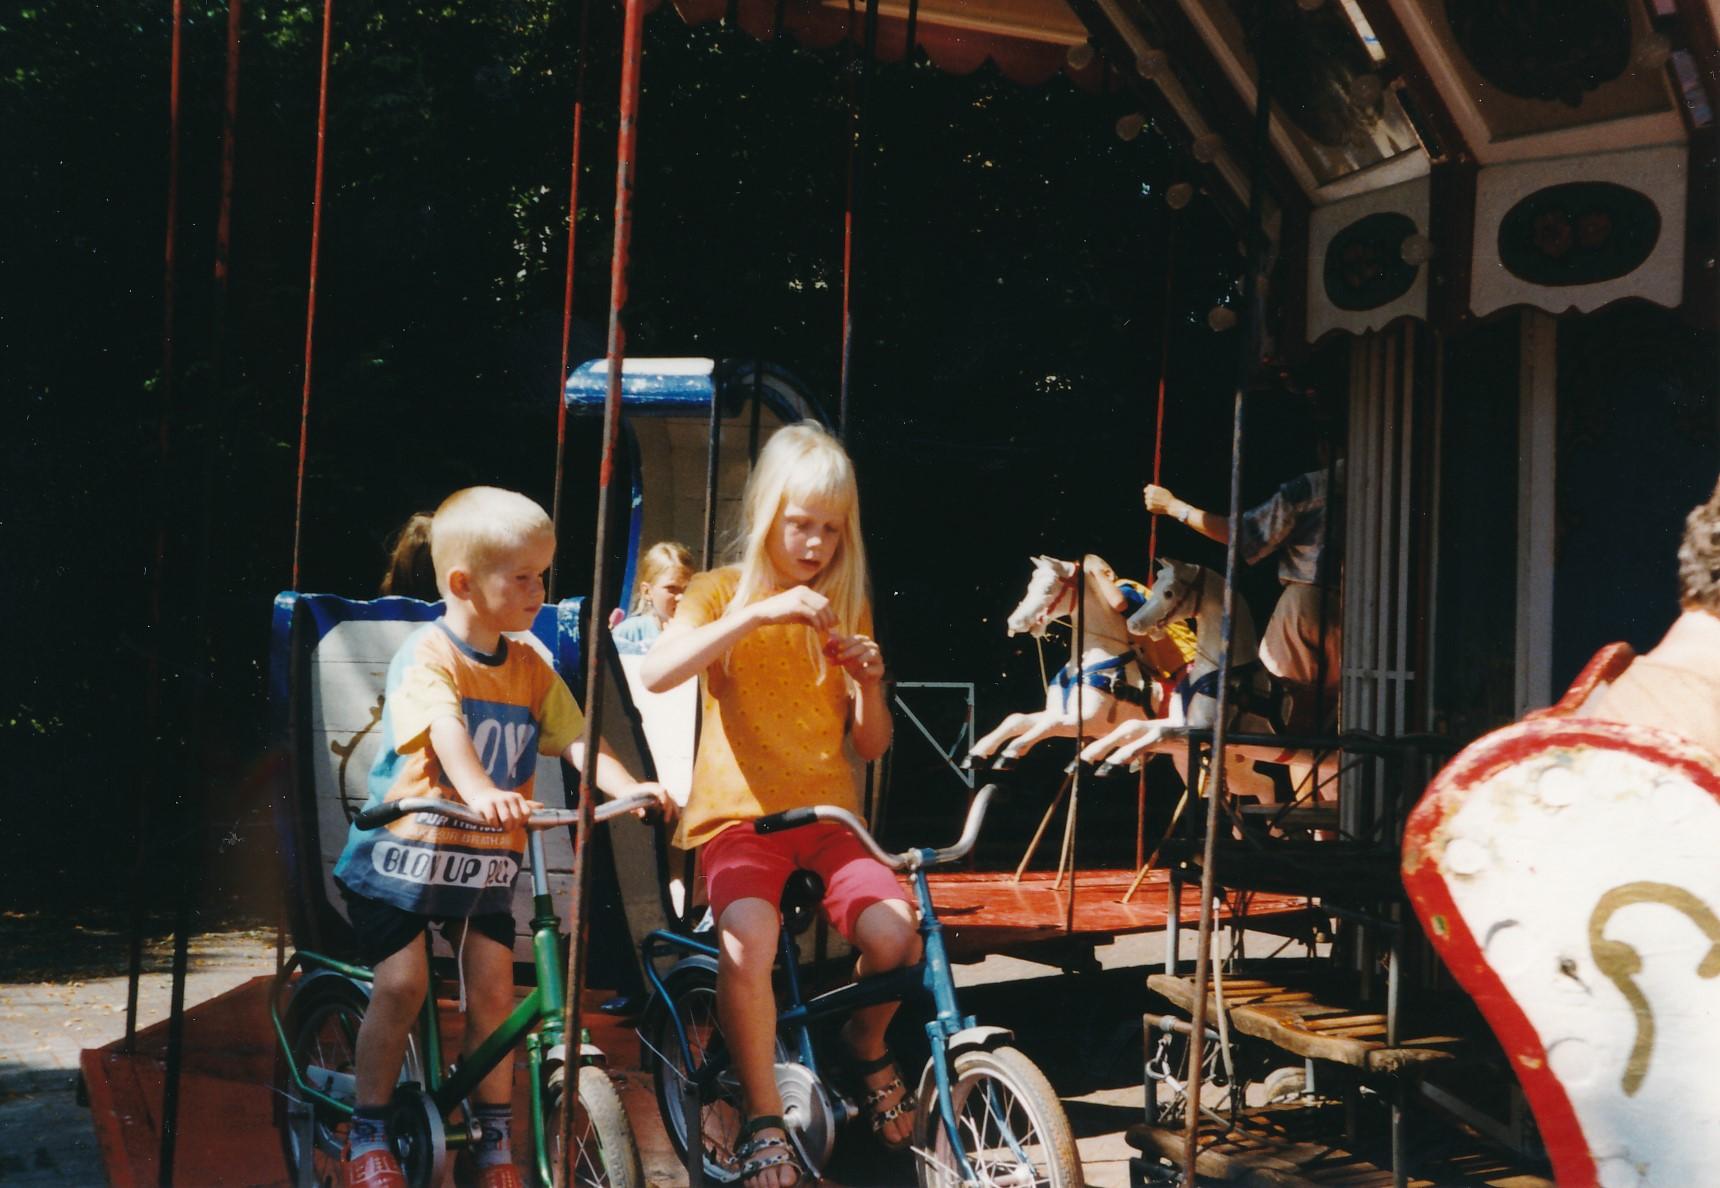 Fotoalbum Anneke Miedema, 062, Jitske en Wierd , merke 1998, augustus